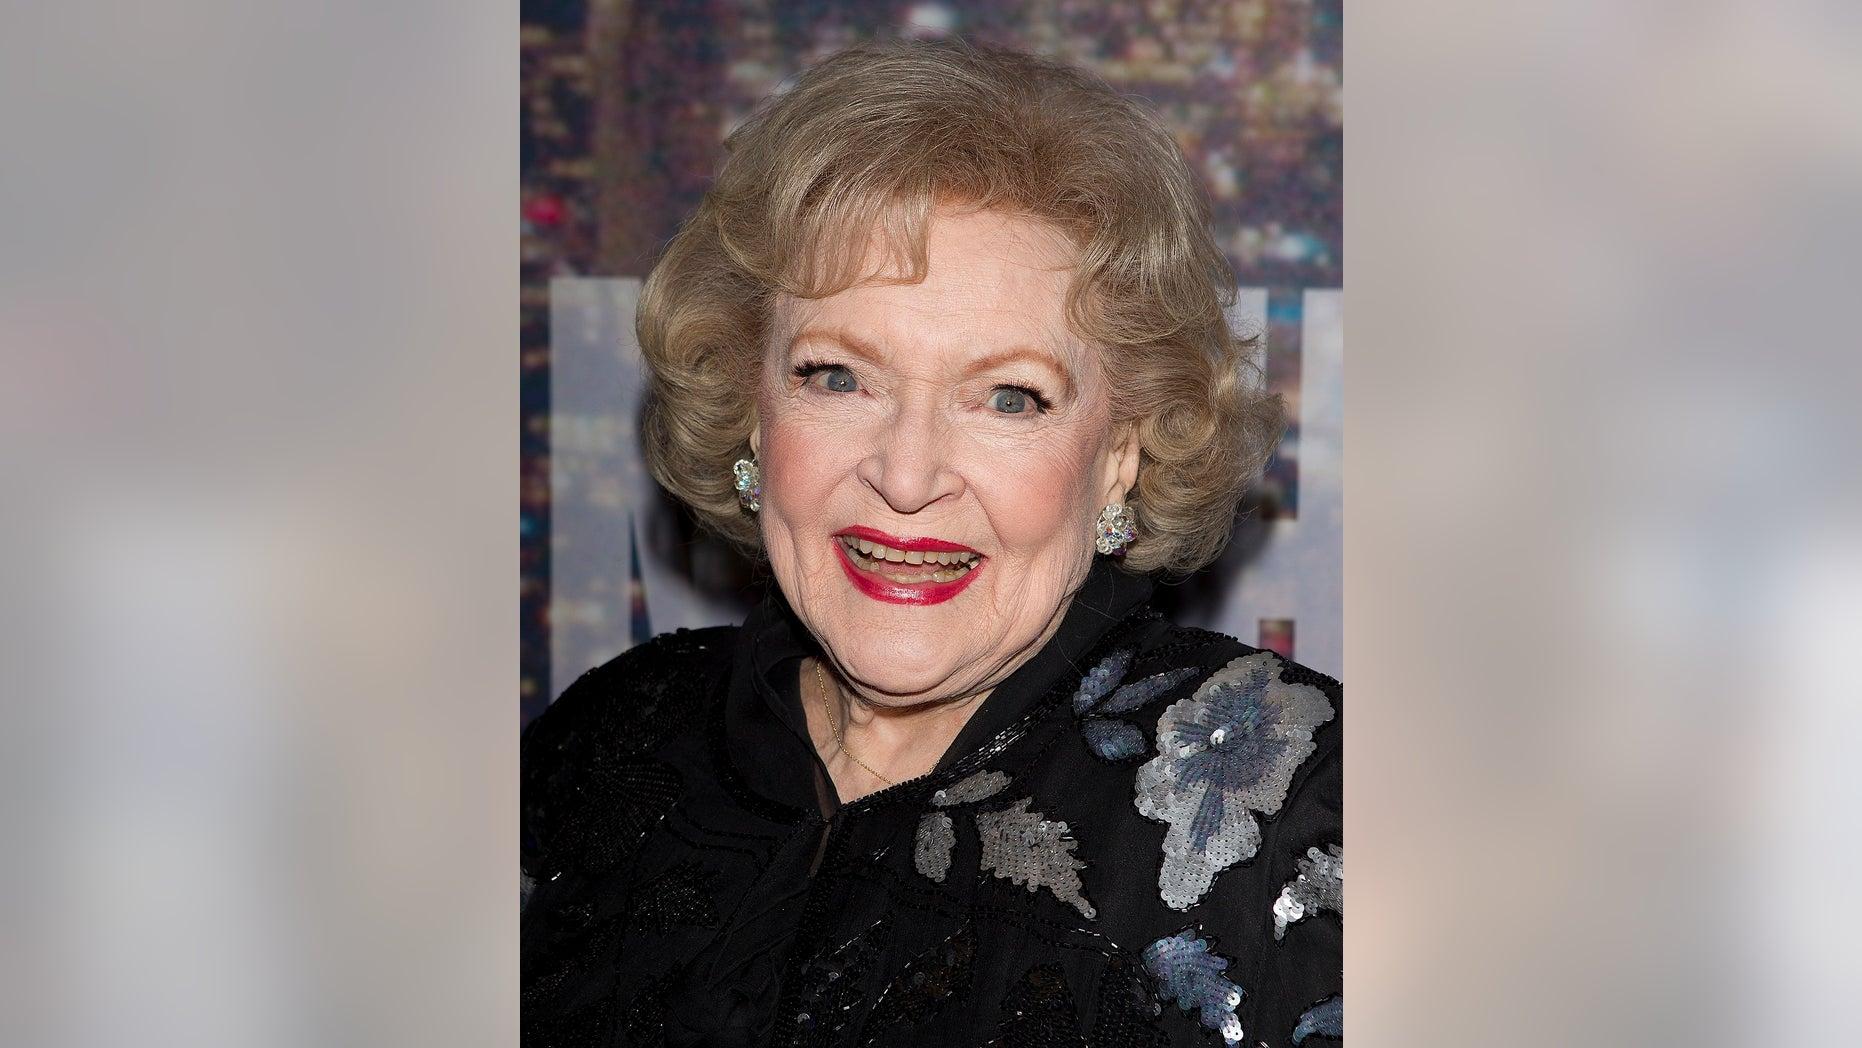 Betty White's birthday is Jan. 17.